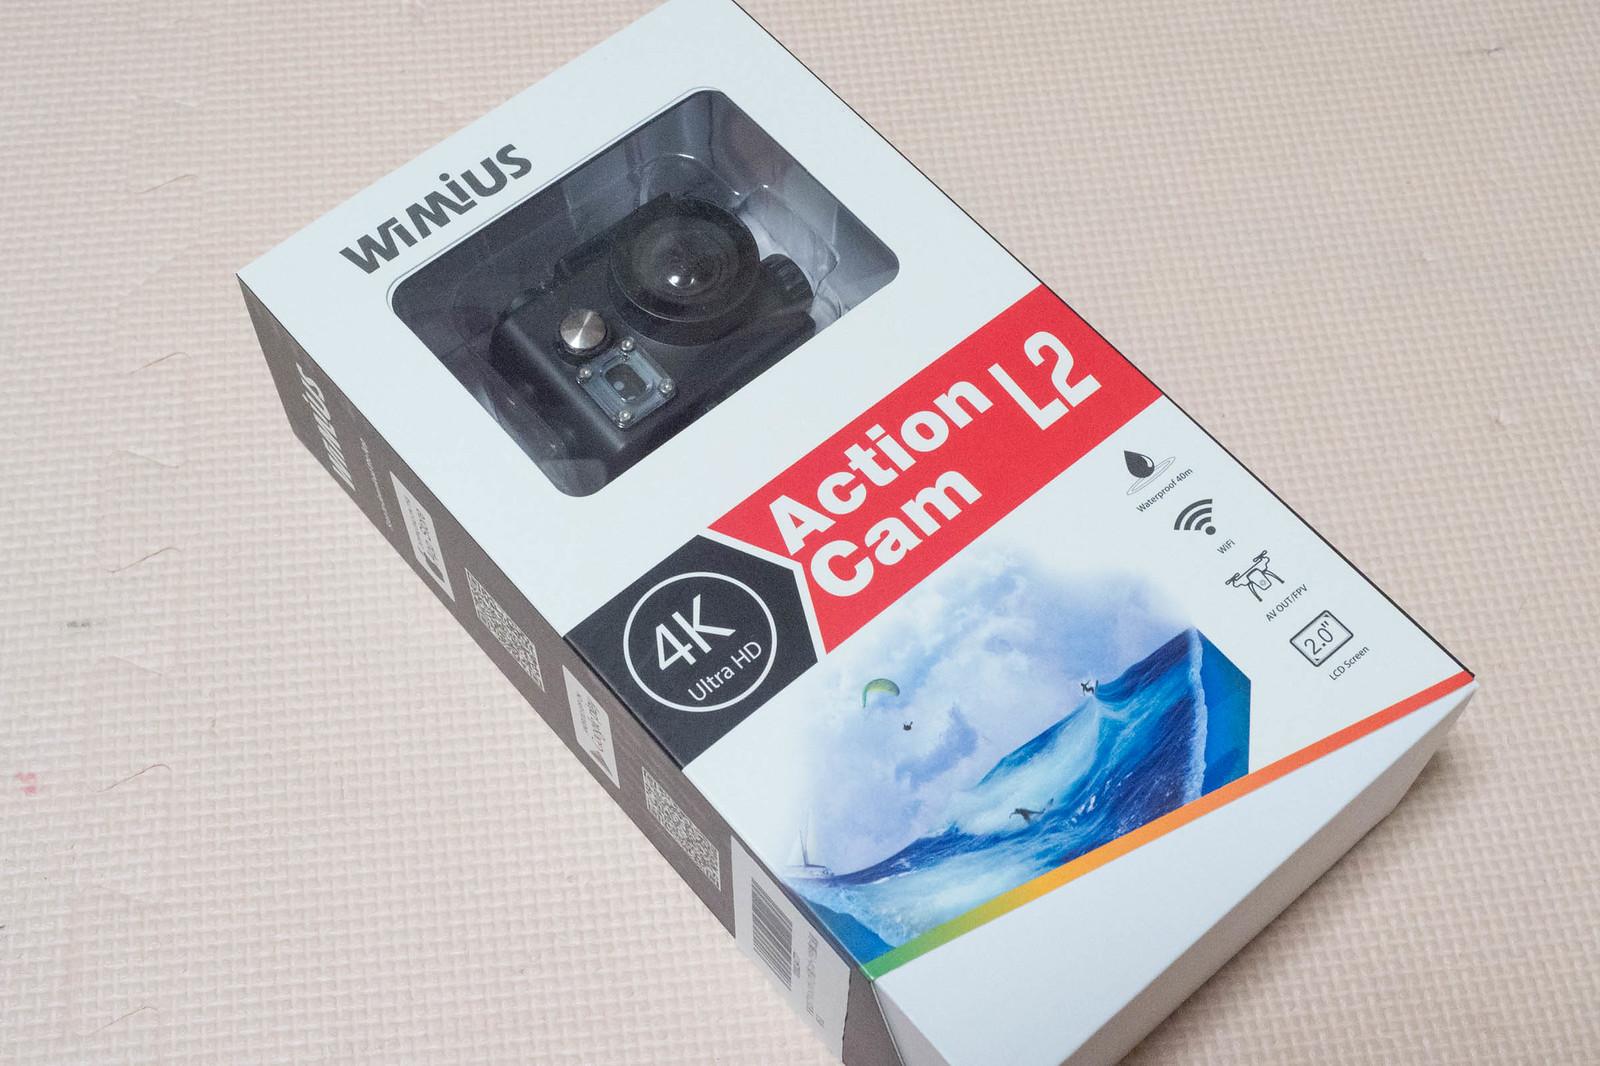 WiMiUS_ActionCam_L2-1